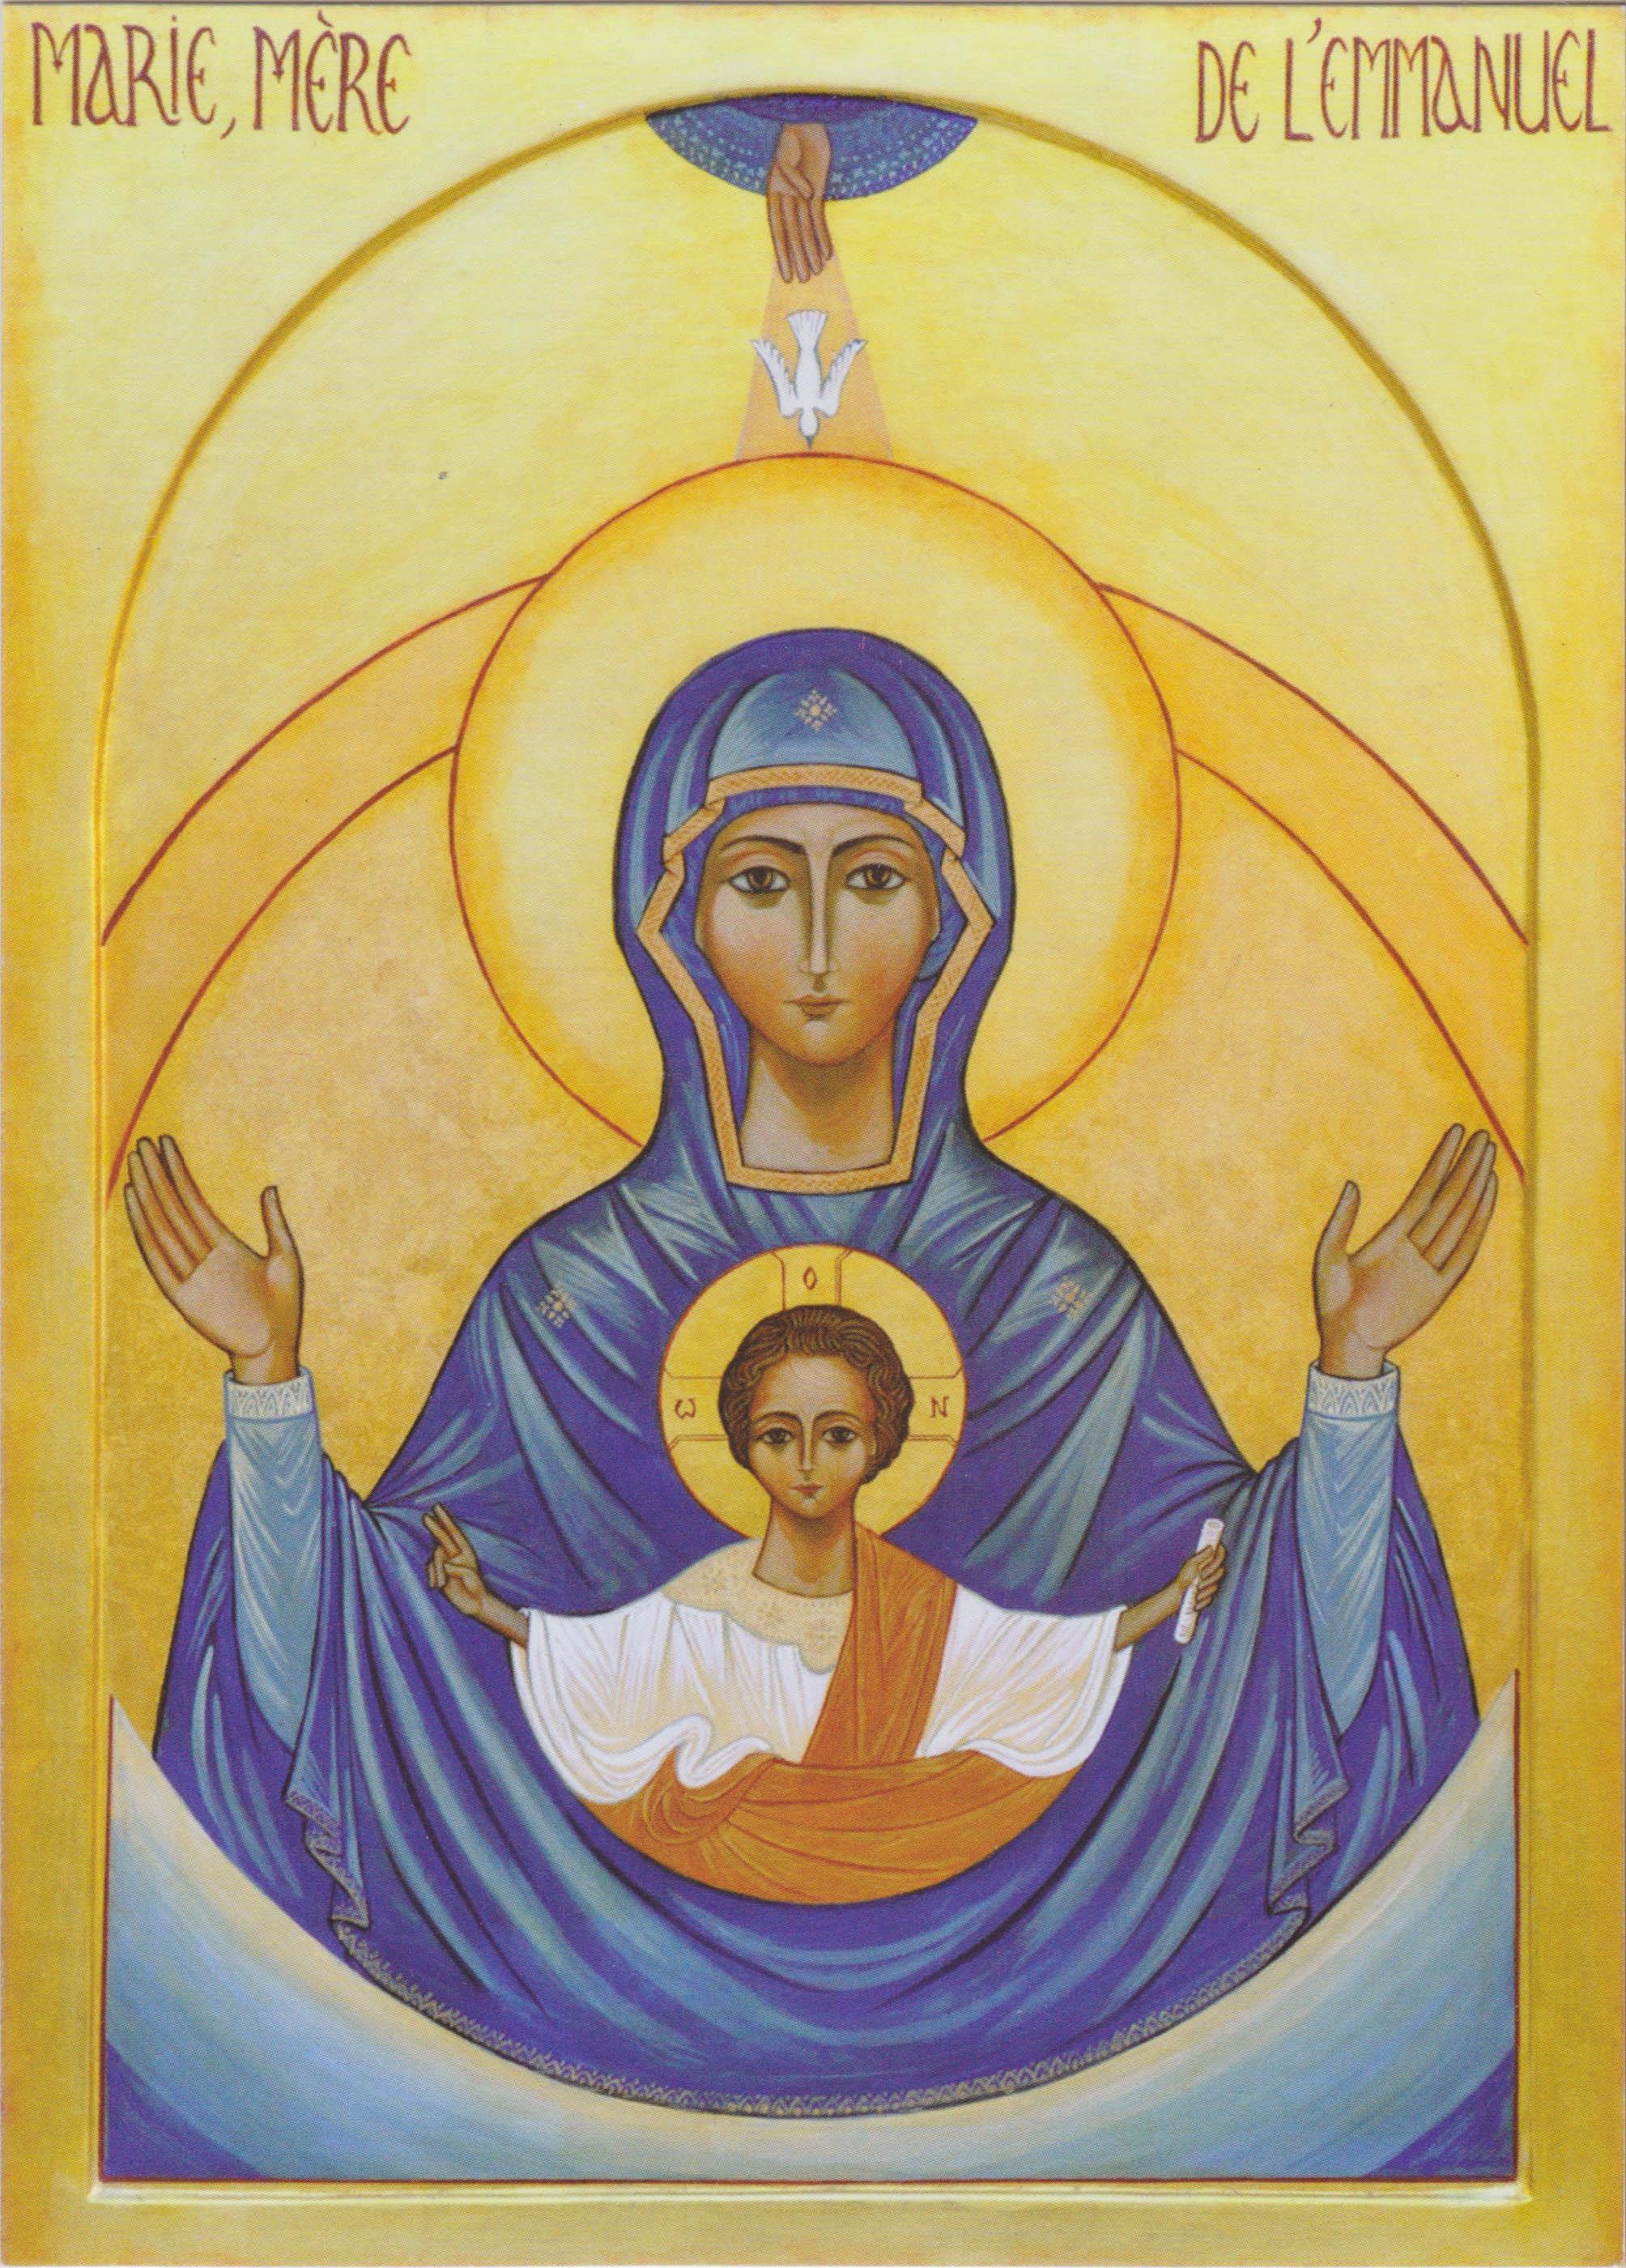 Soirée de l'Emmanuel ouverte à tous | La Trinité